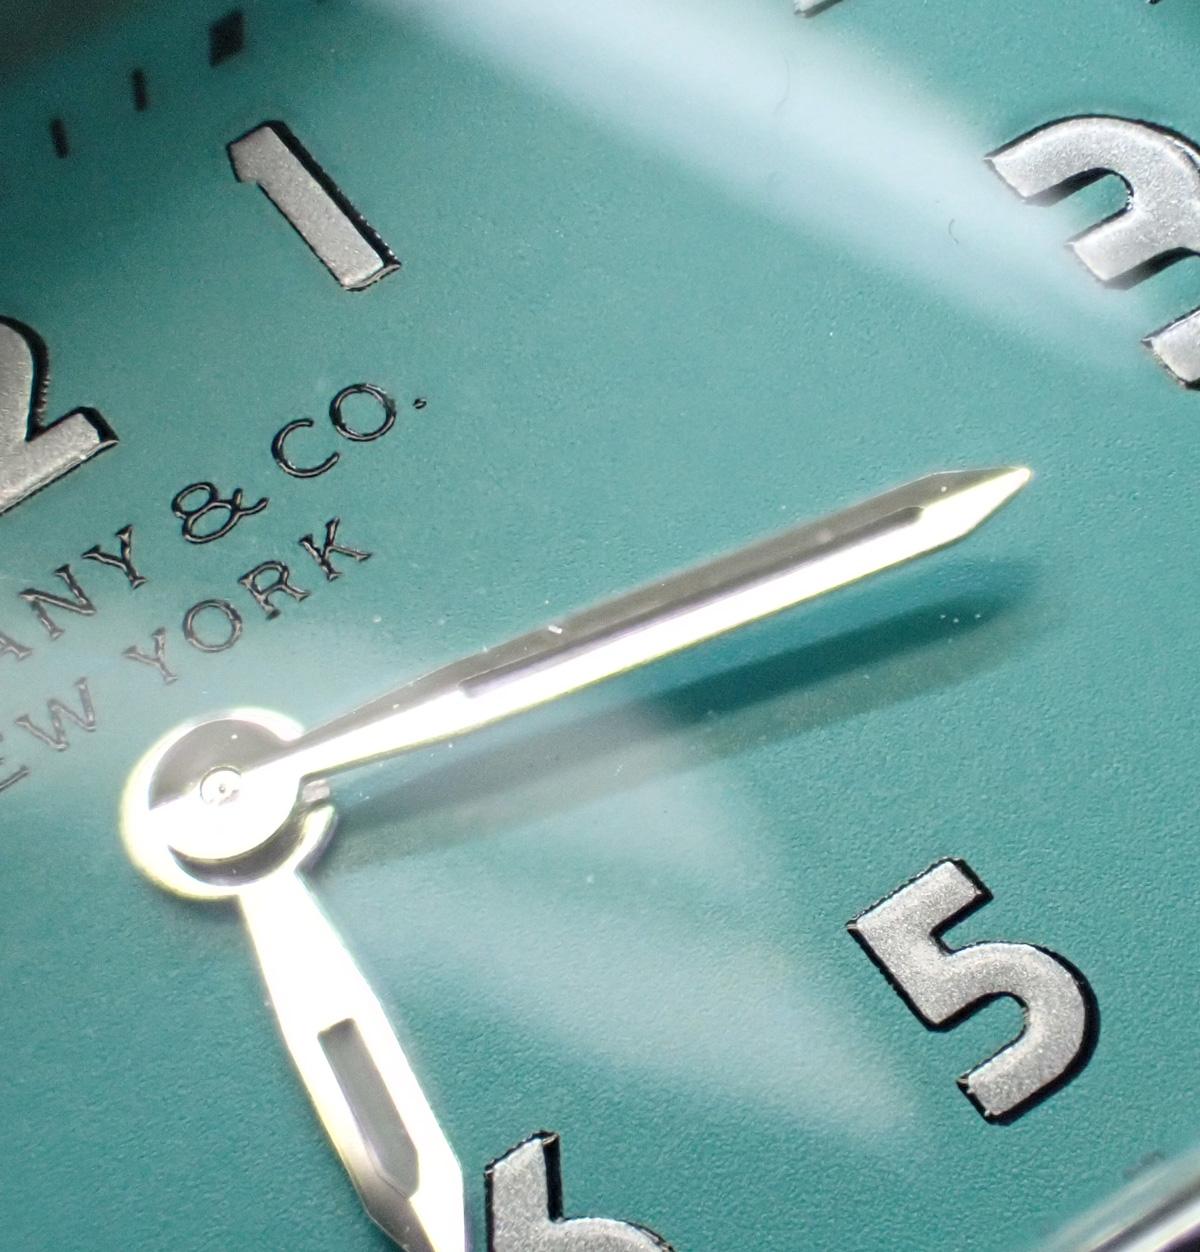 【辛口評価】【Aランク】TIFFANY&Co. ティファニー ティファニー イースト ウエスト ミニ ティファニーブルー文字盤 レザー 36668679